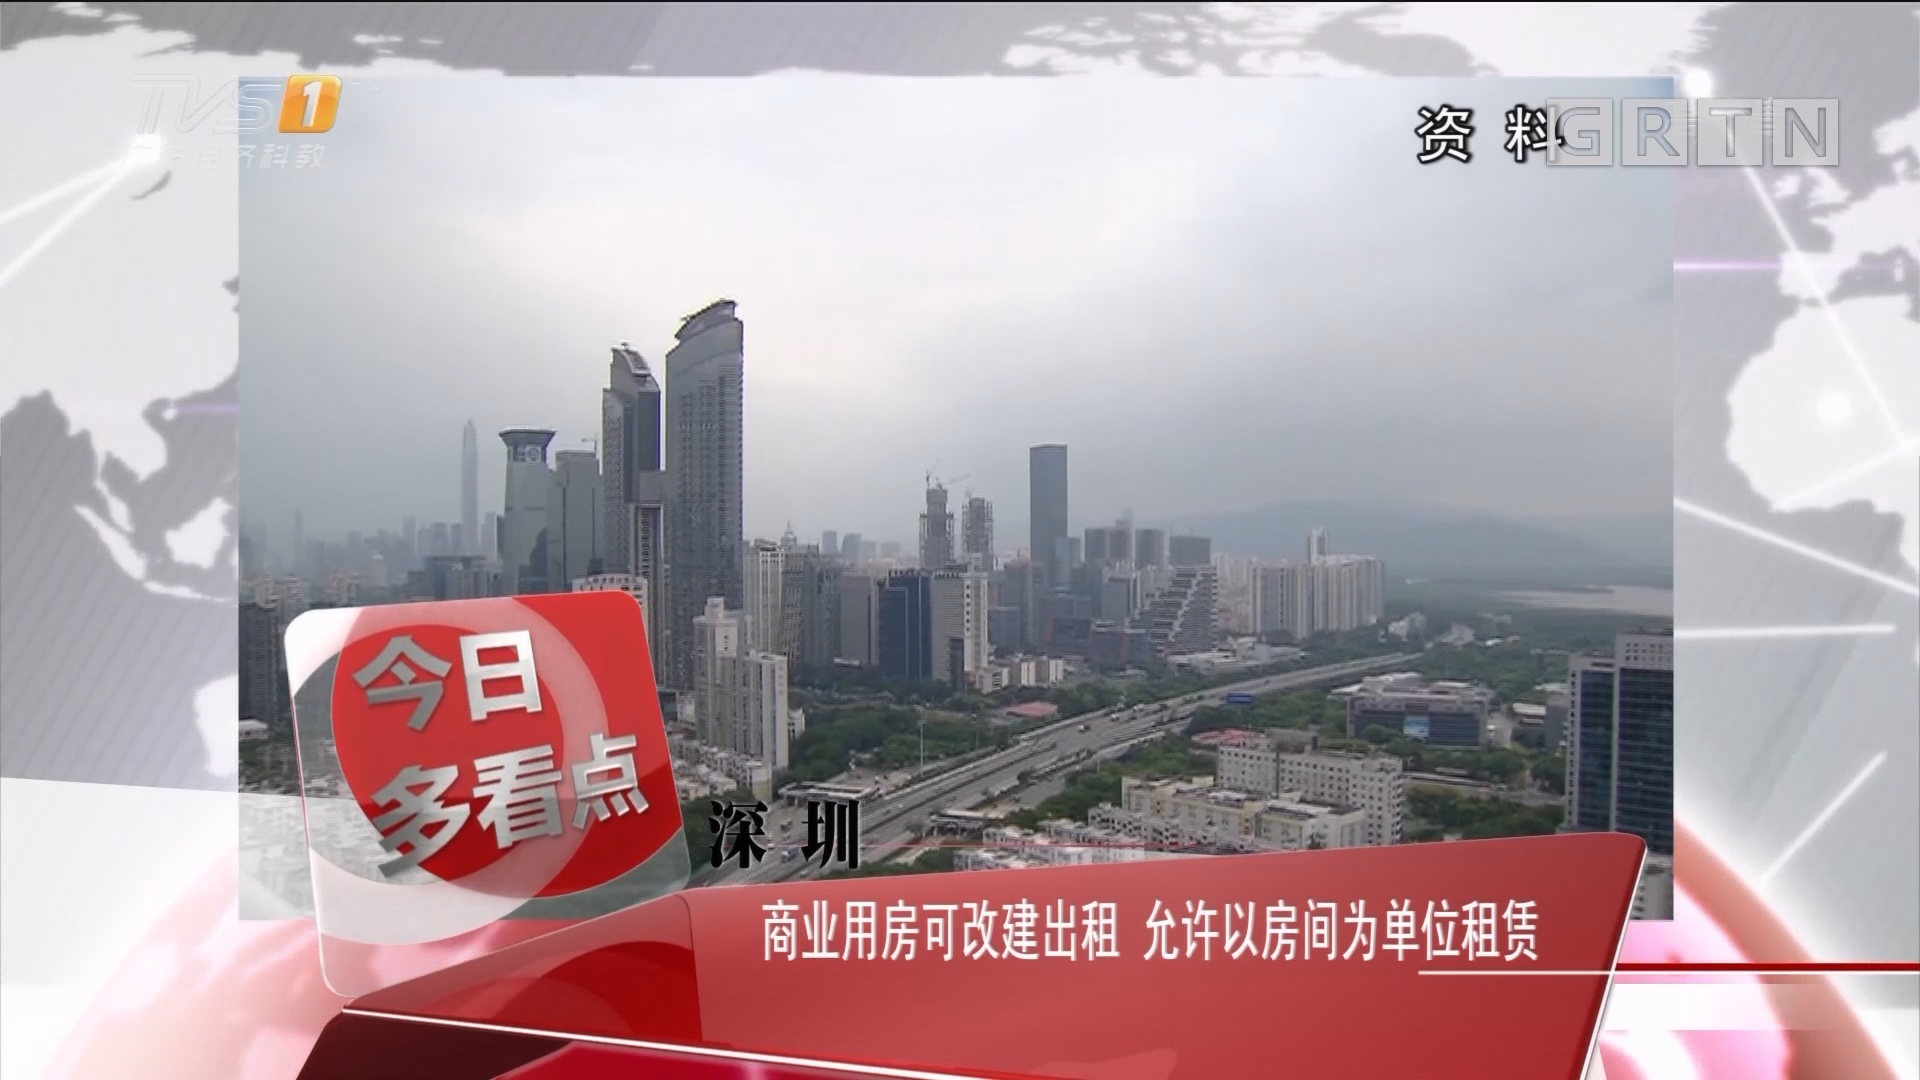 深圳:商业用房可改建出租 允许以房间为单位租赁